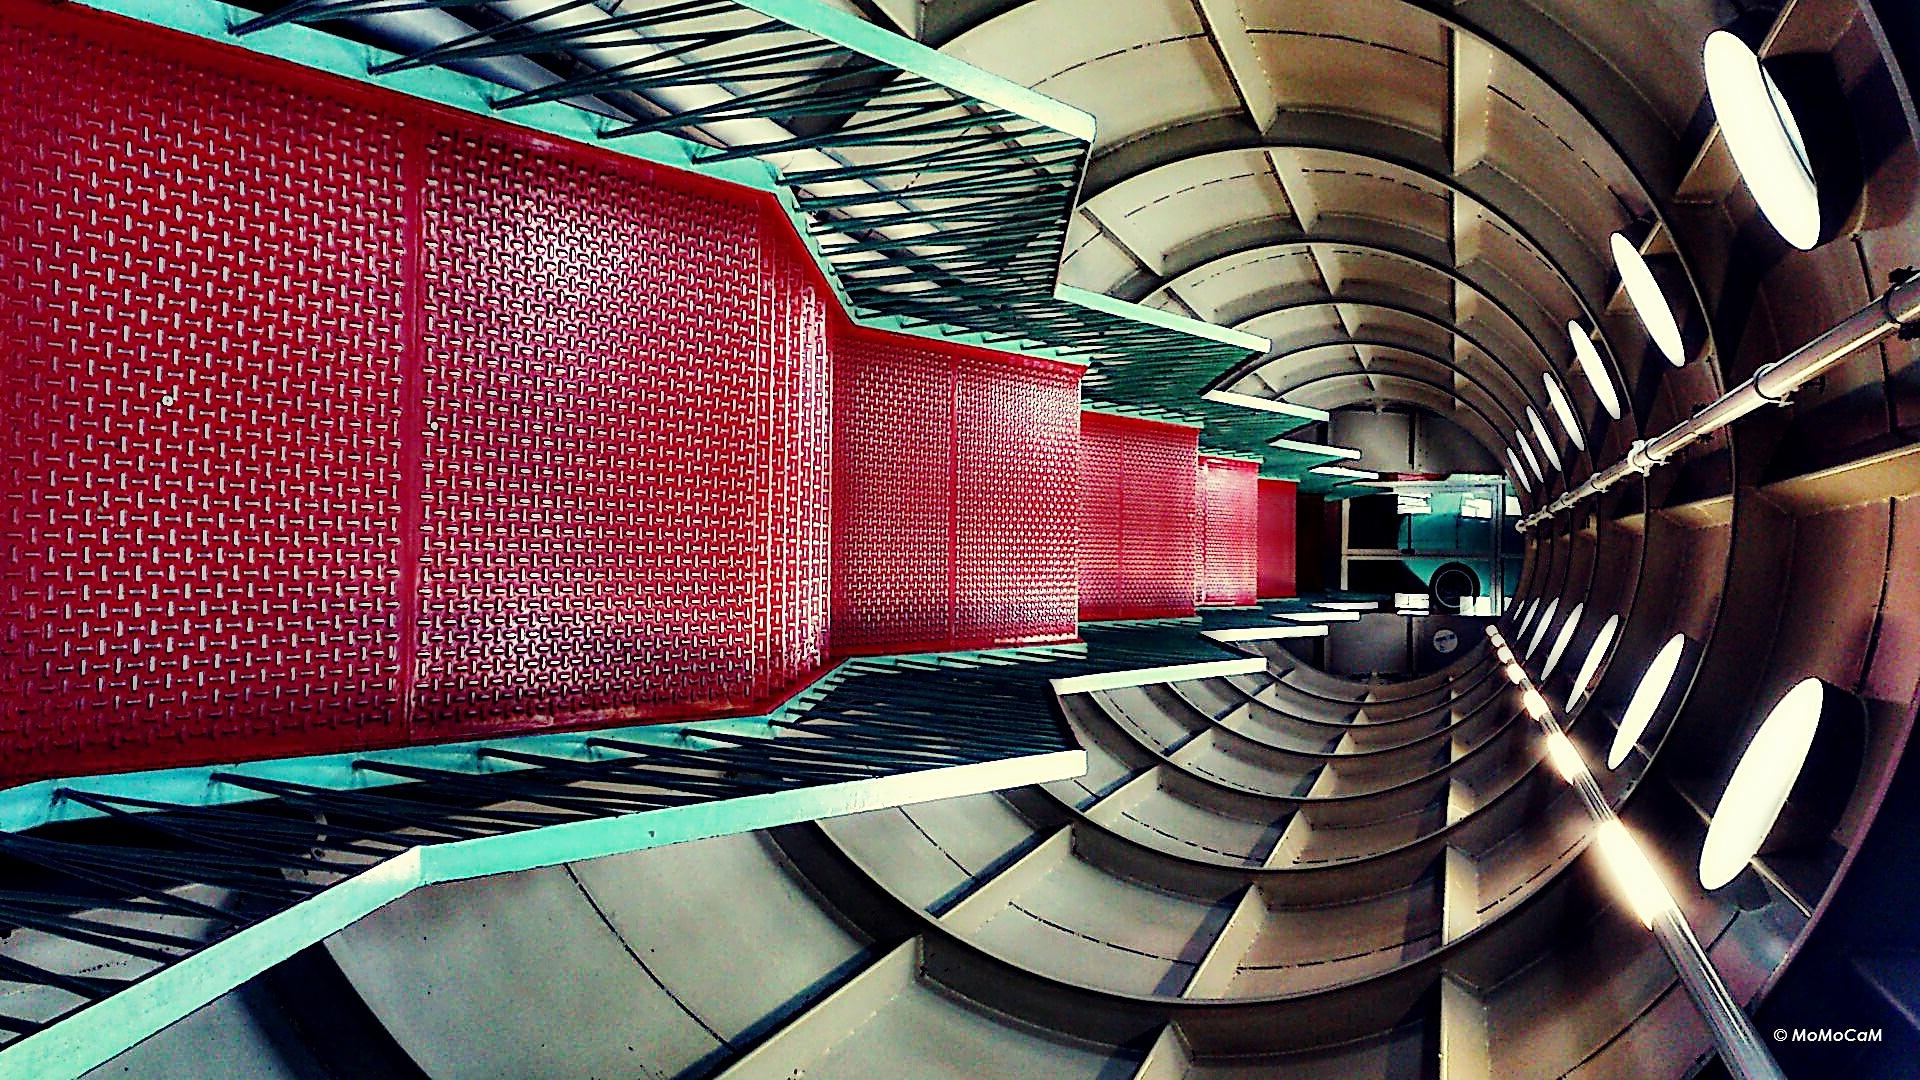 The Passageway by Moheb Radwan